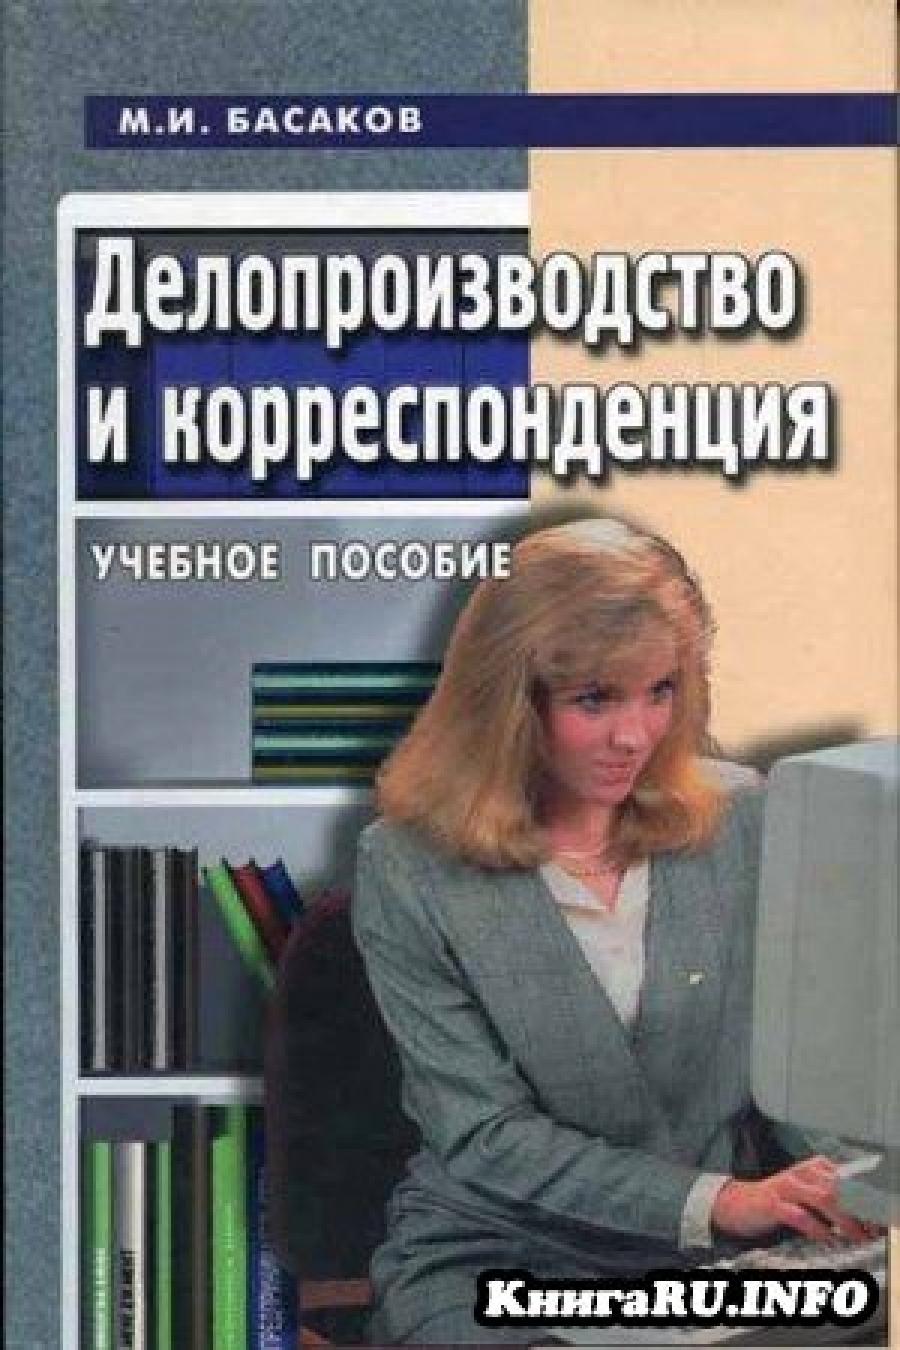 Обложка книги:  м. и. басаков - делопроизводство и корреспонденция